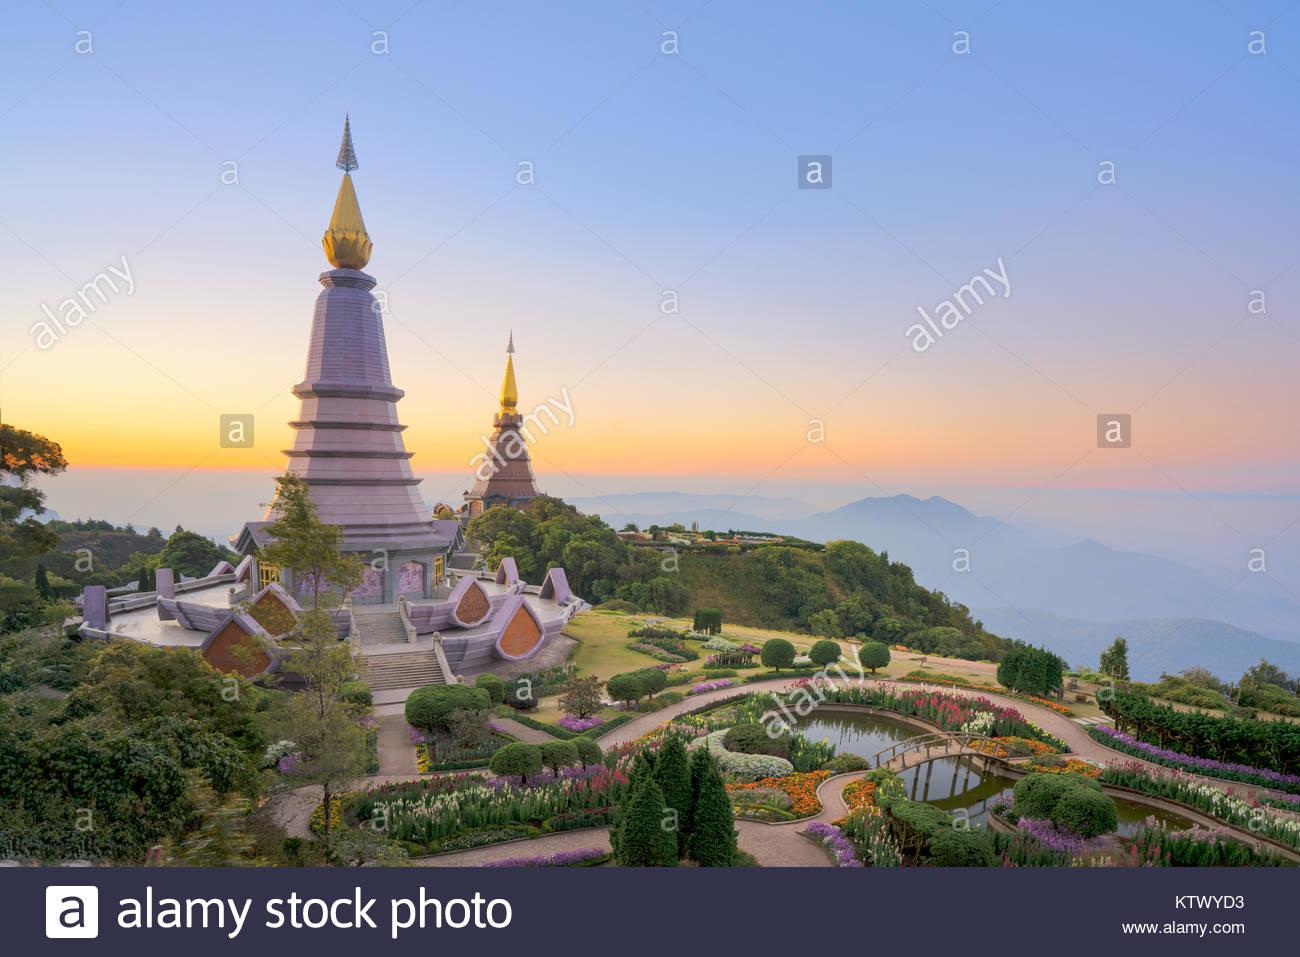 Paysage de deux sur le haut de la pagode Inthanon mountain, Chiang Mai, Thaïlande. Photo Stock